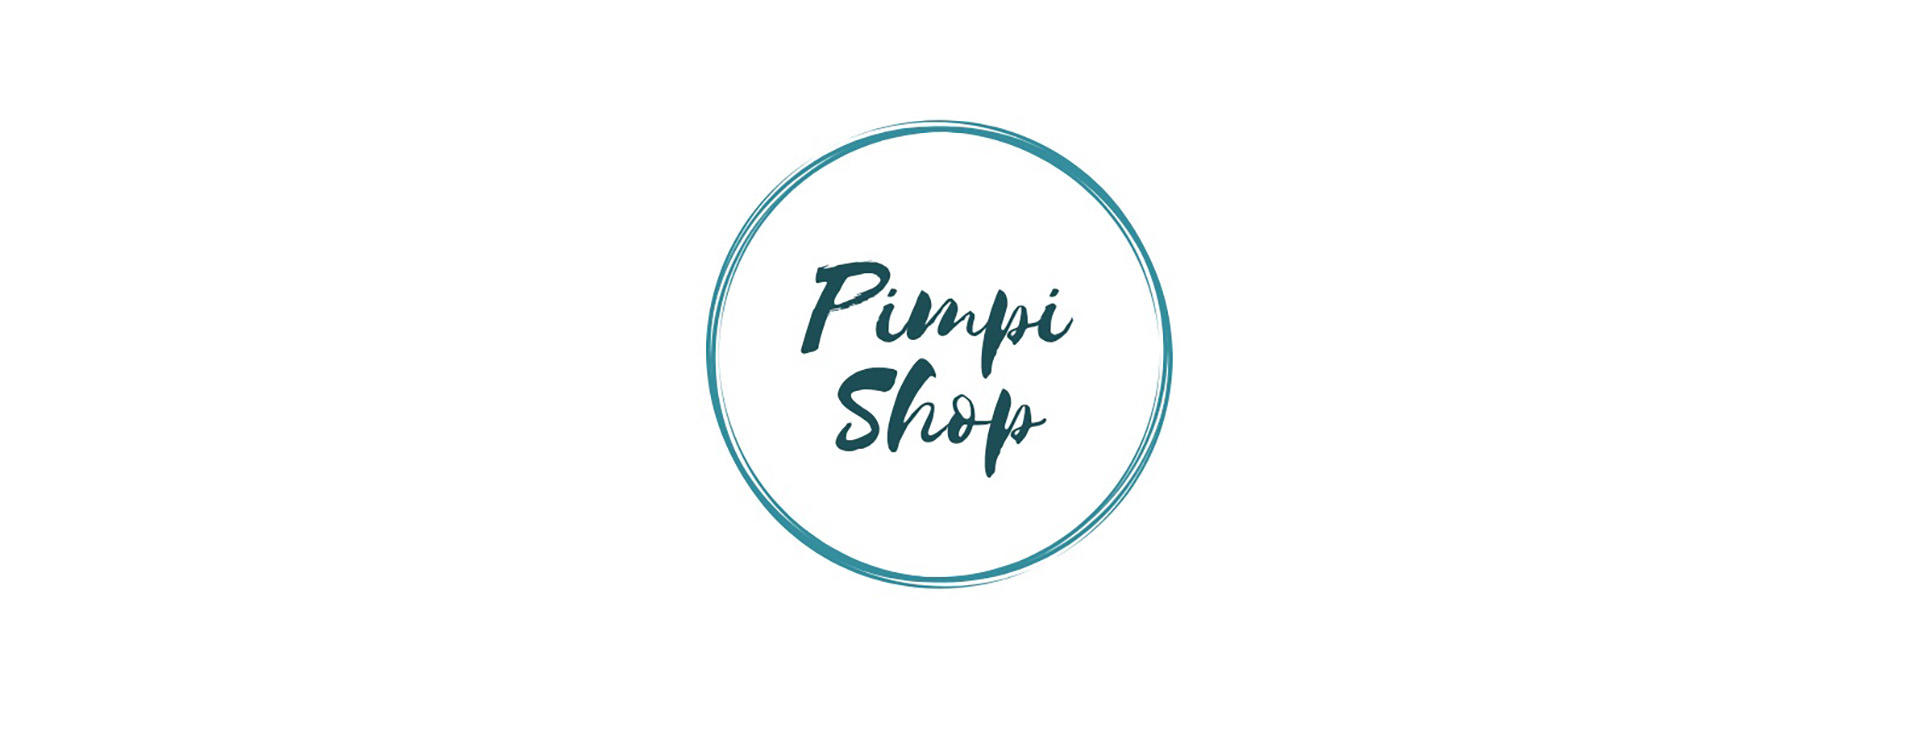 Pimpi shop